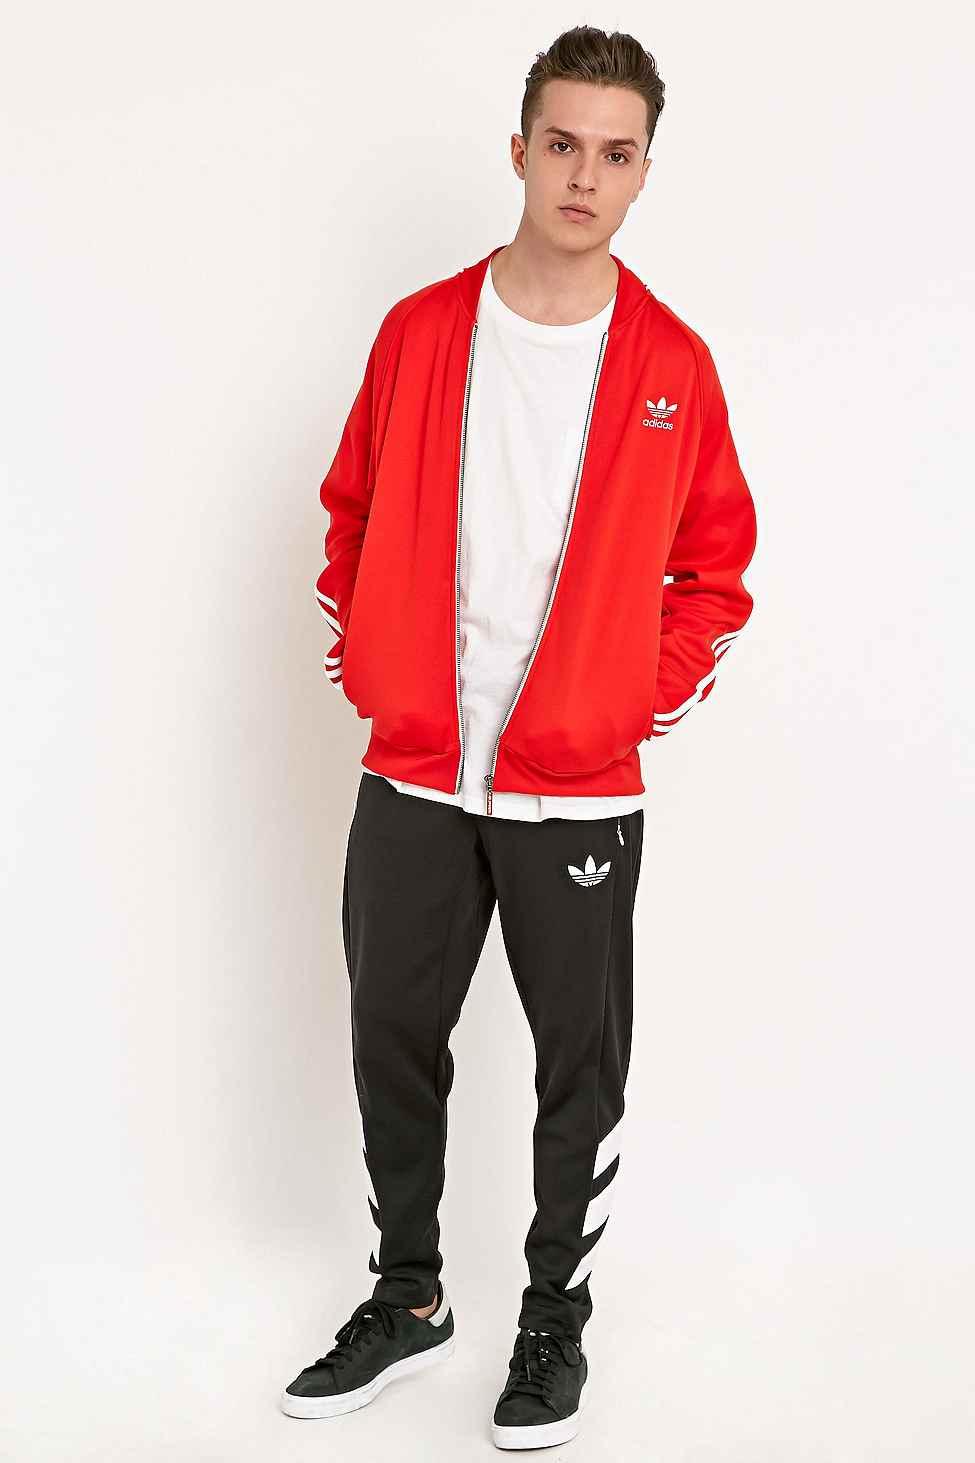 superstar red jacket